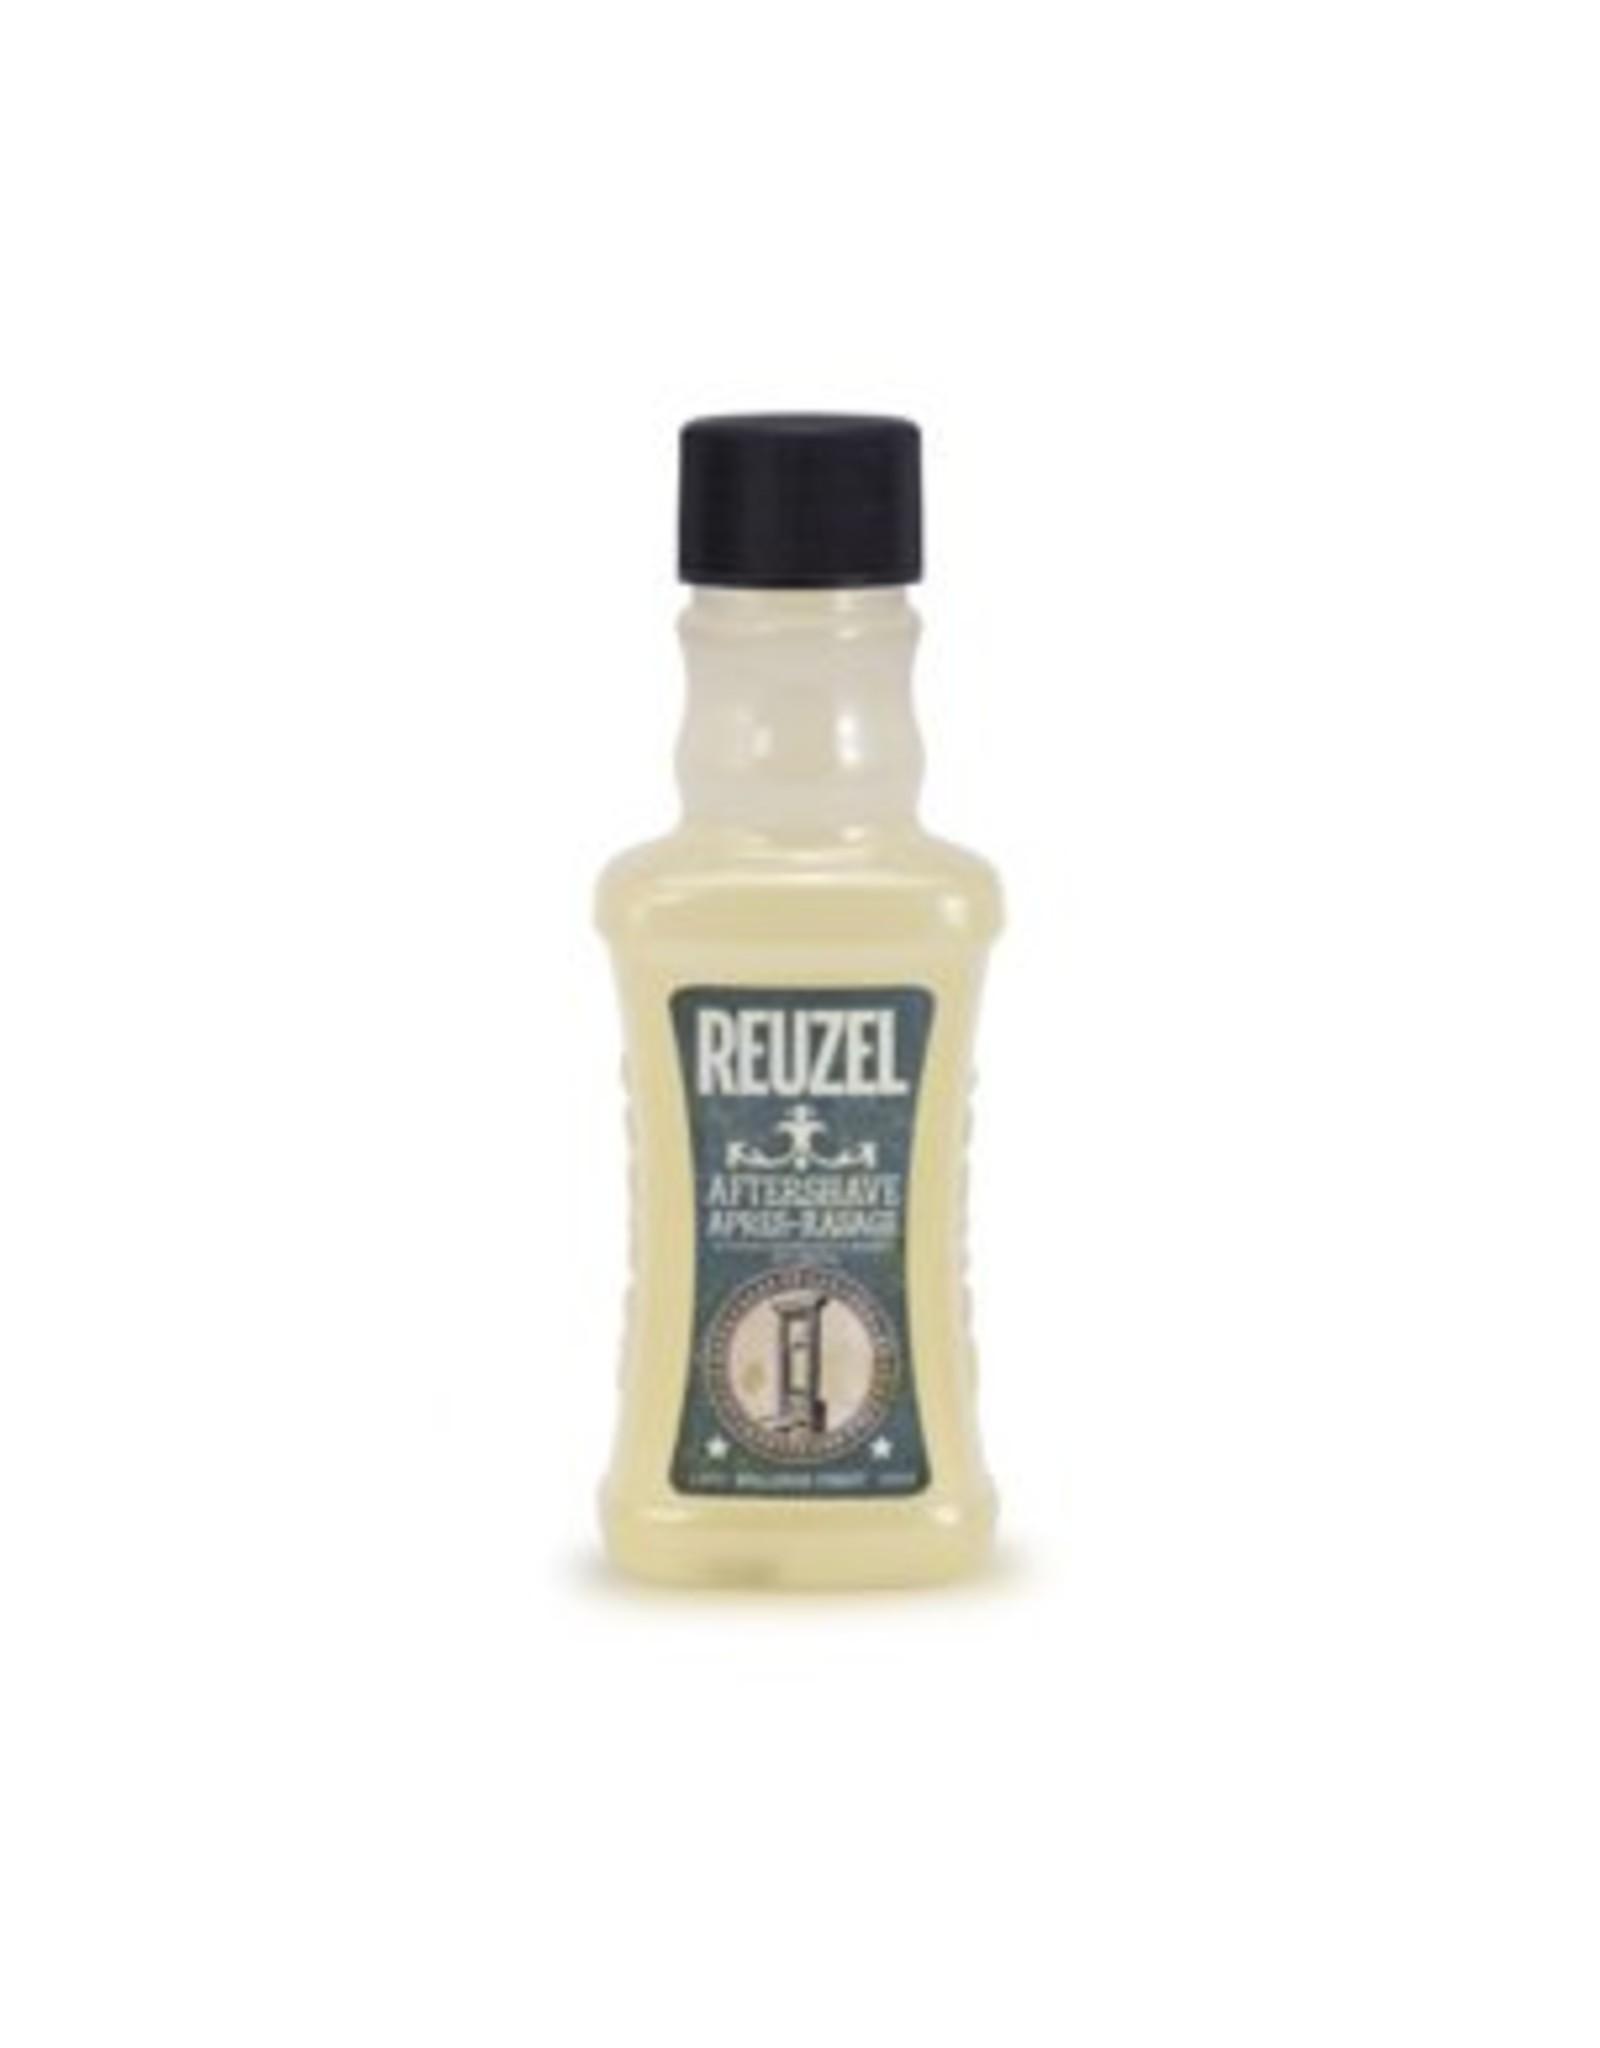 Reuzel Reuzel Shave & Splash Giftset